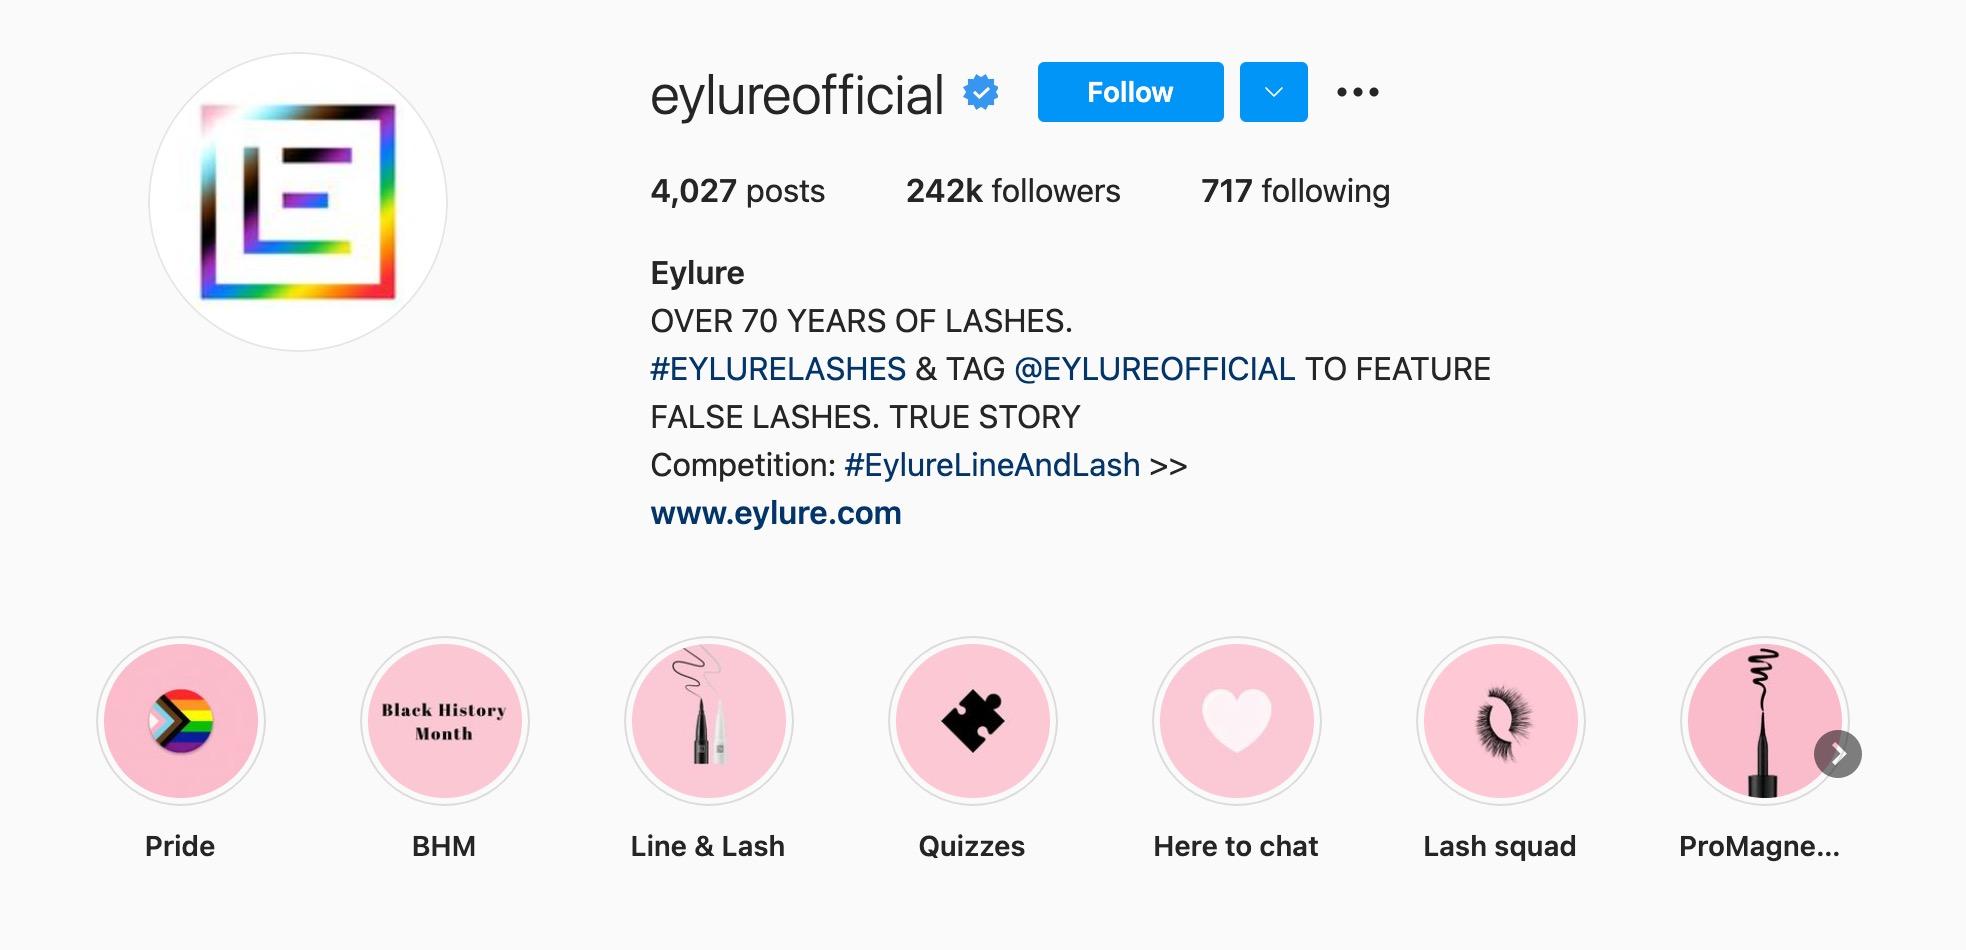 Eylure Instagram bio page